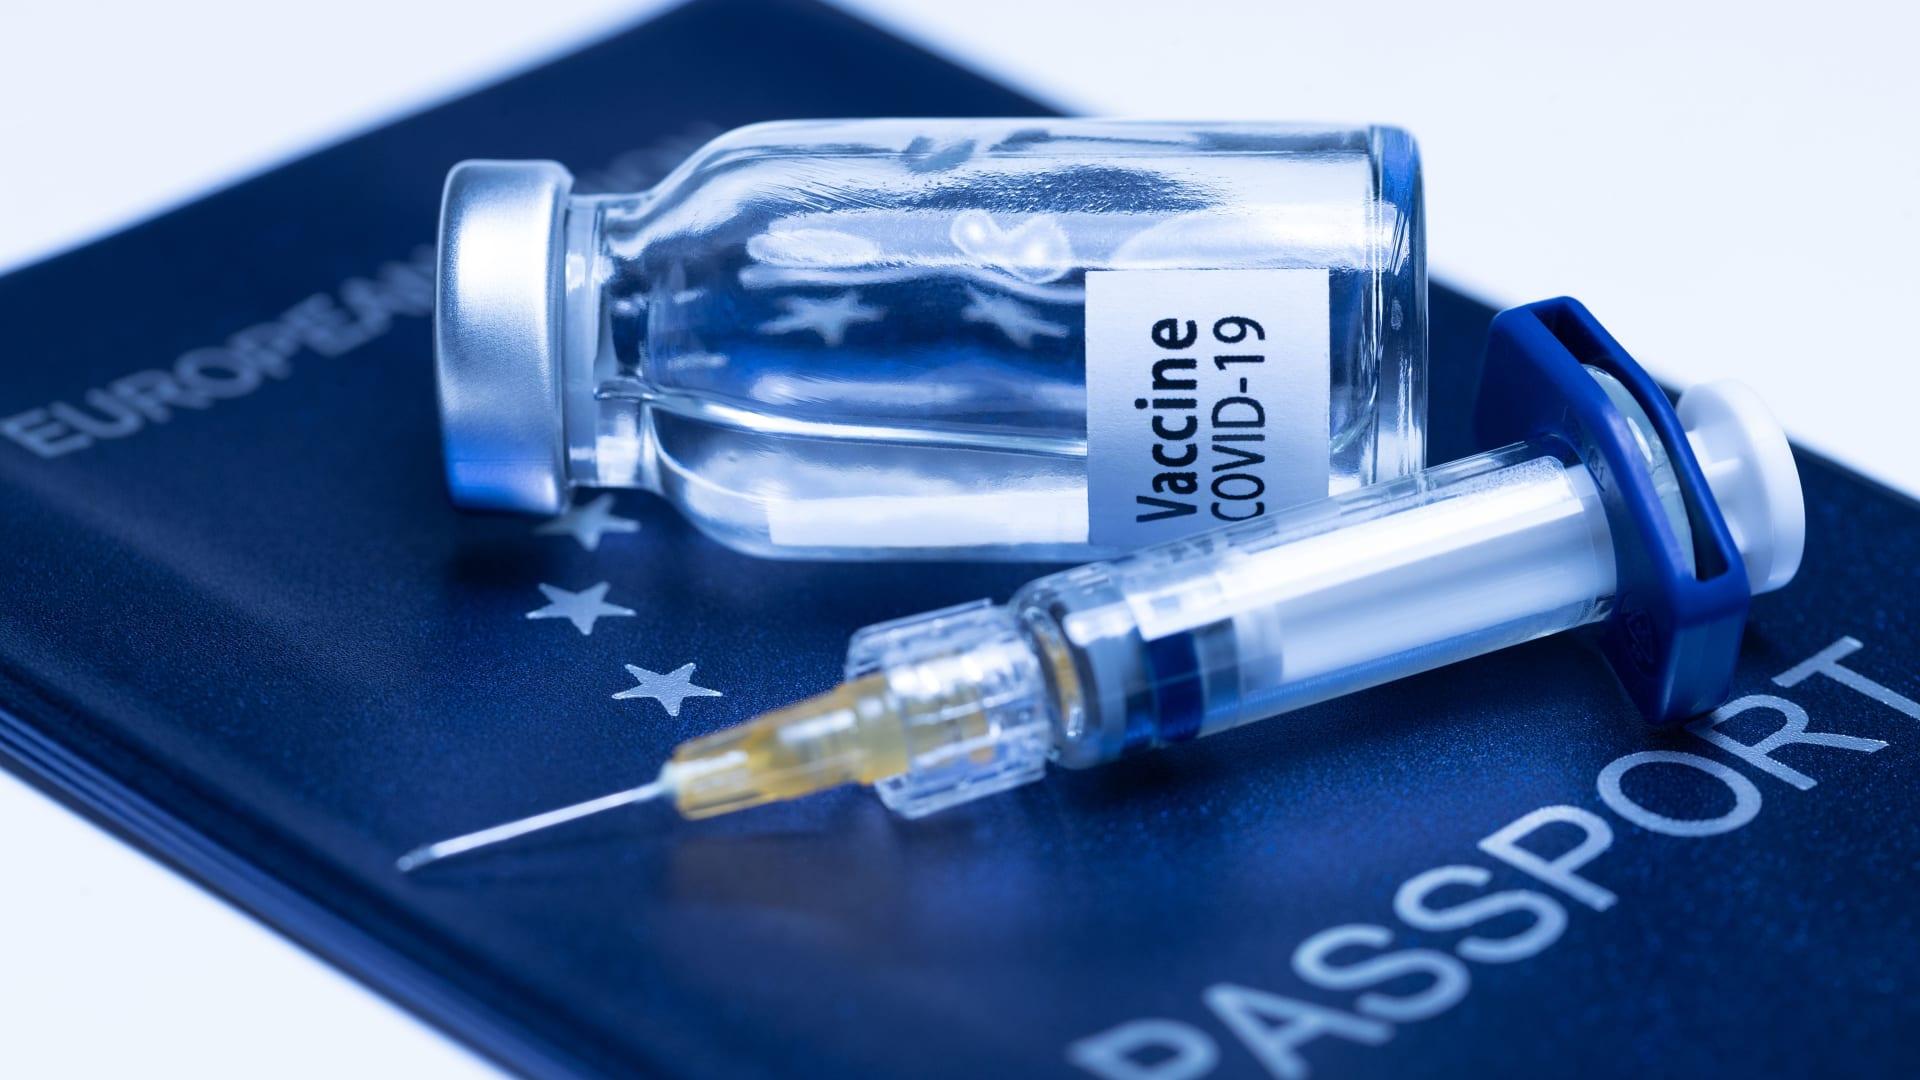 """الصحة العالمية تعمل على إصدار """"الشهادة الرقمية الذكية"""" بدلا من """"جواز سفر اللقاح"""""""